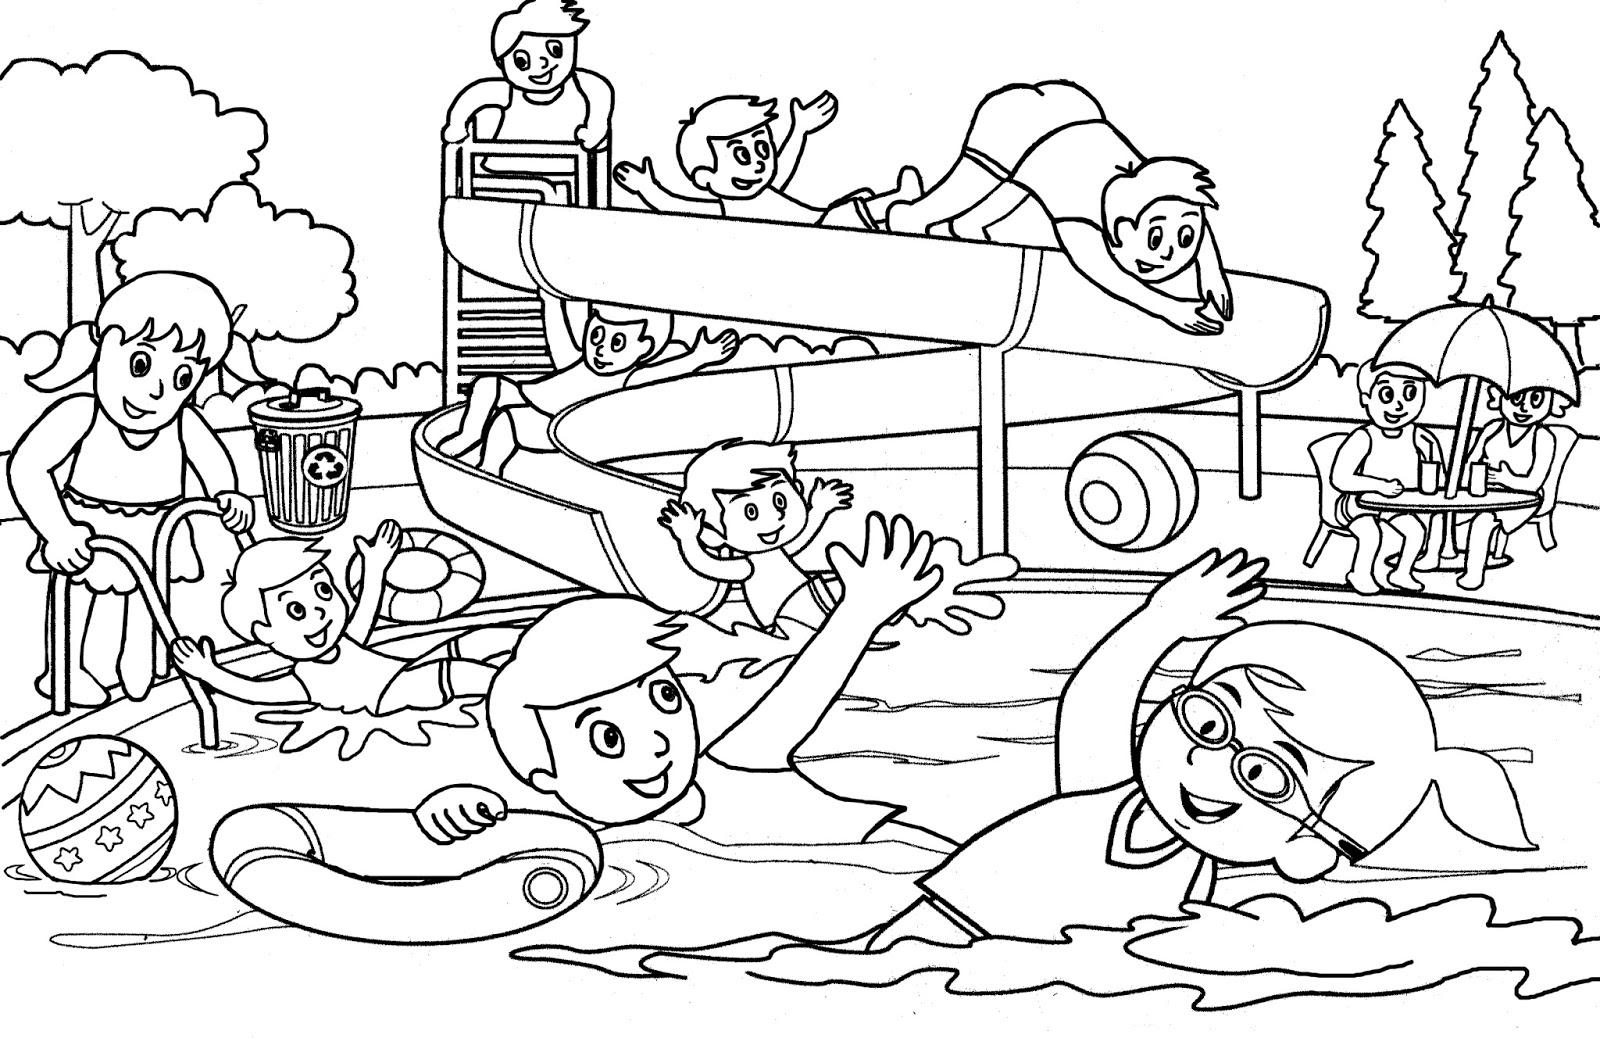 Lebih Dari 100 Gambar Mewarnai Kartun Islami Anak Gambarcoloring